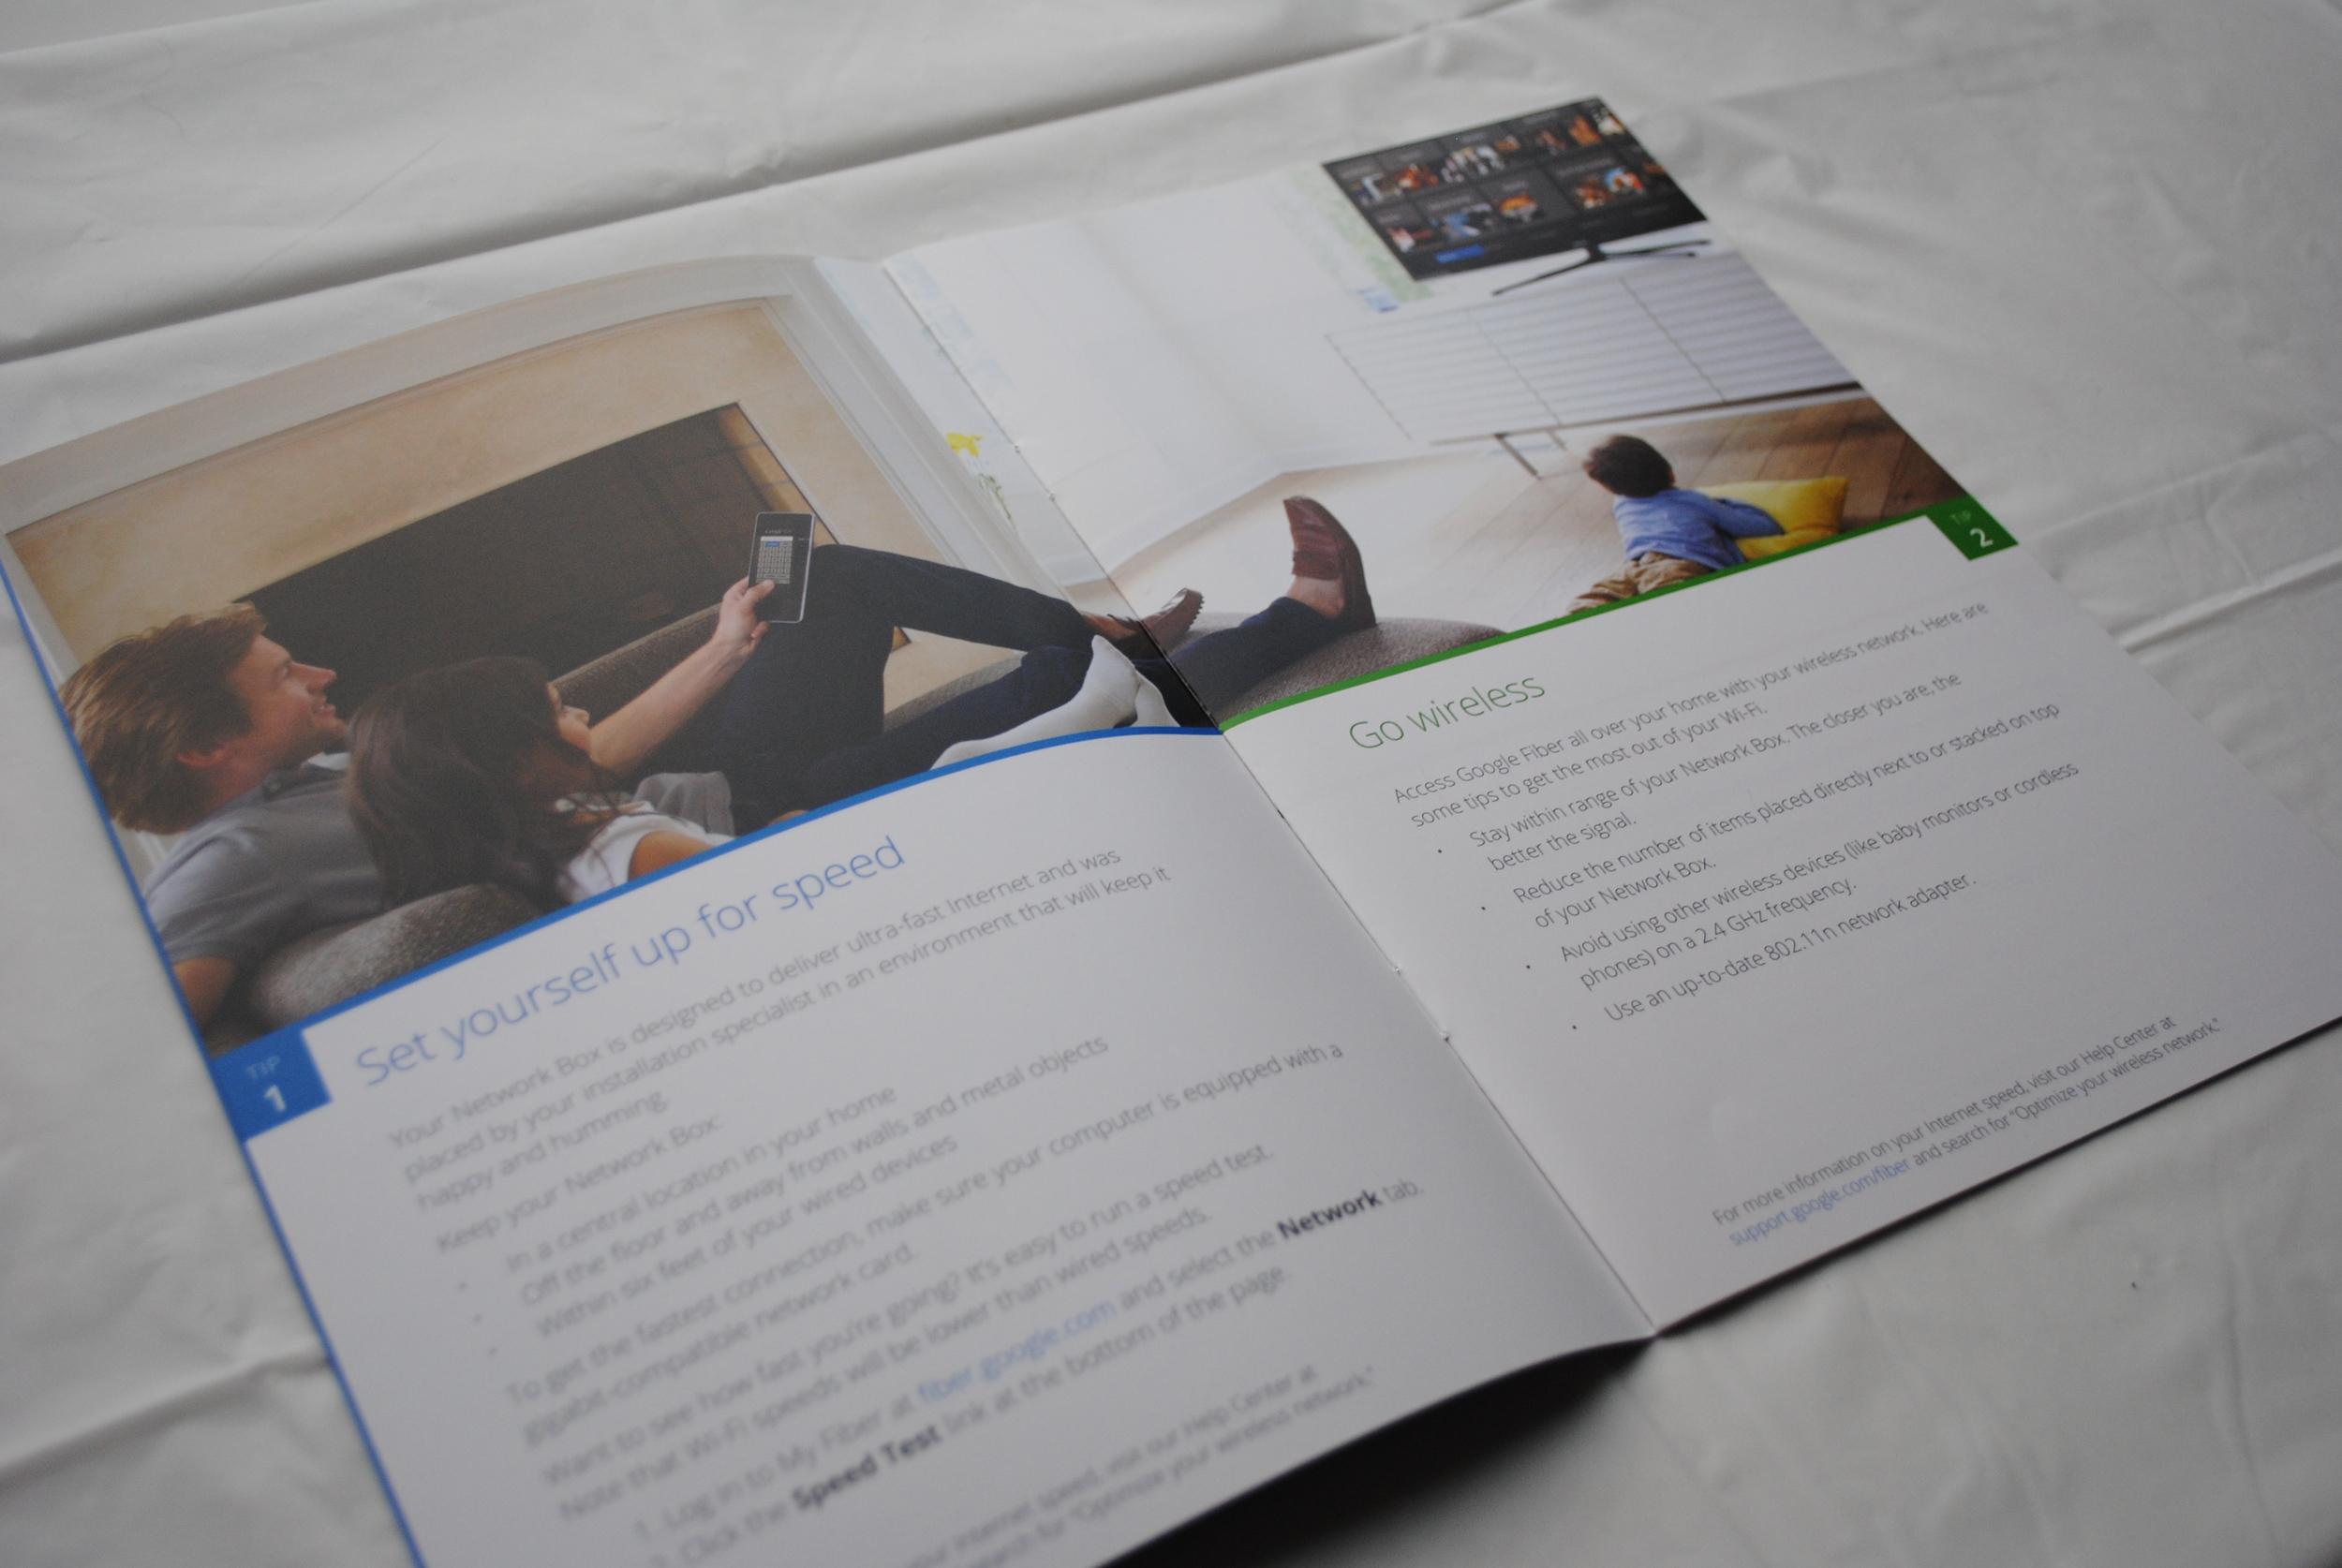 Google Fiber Brochure